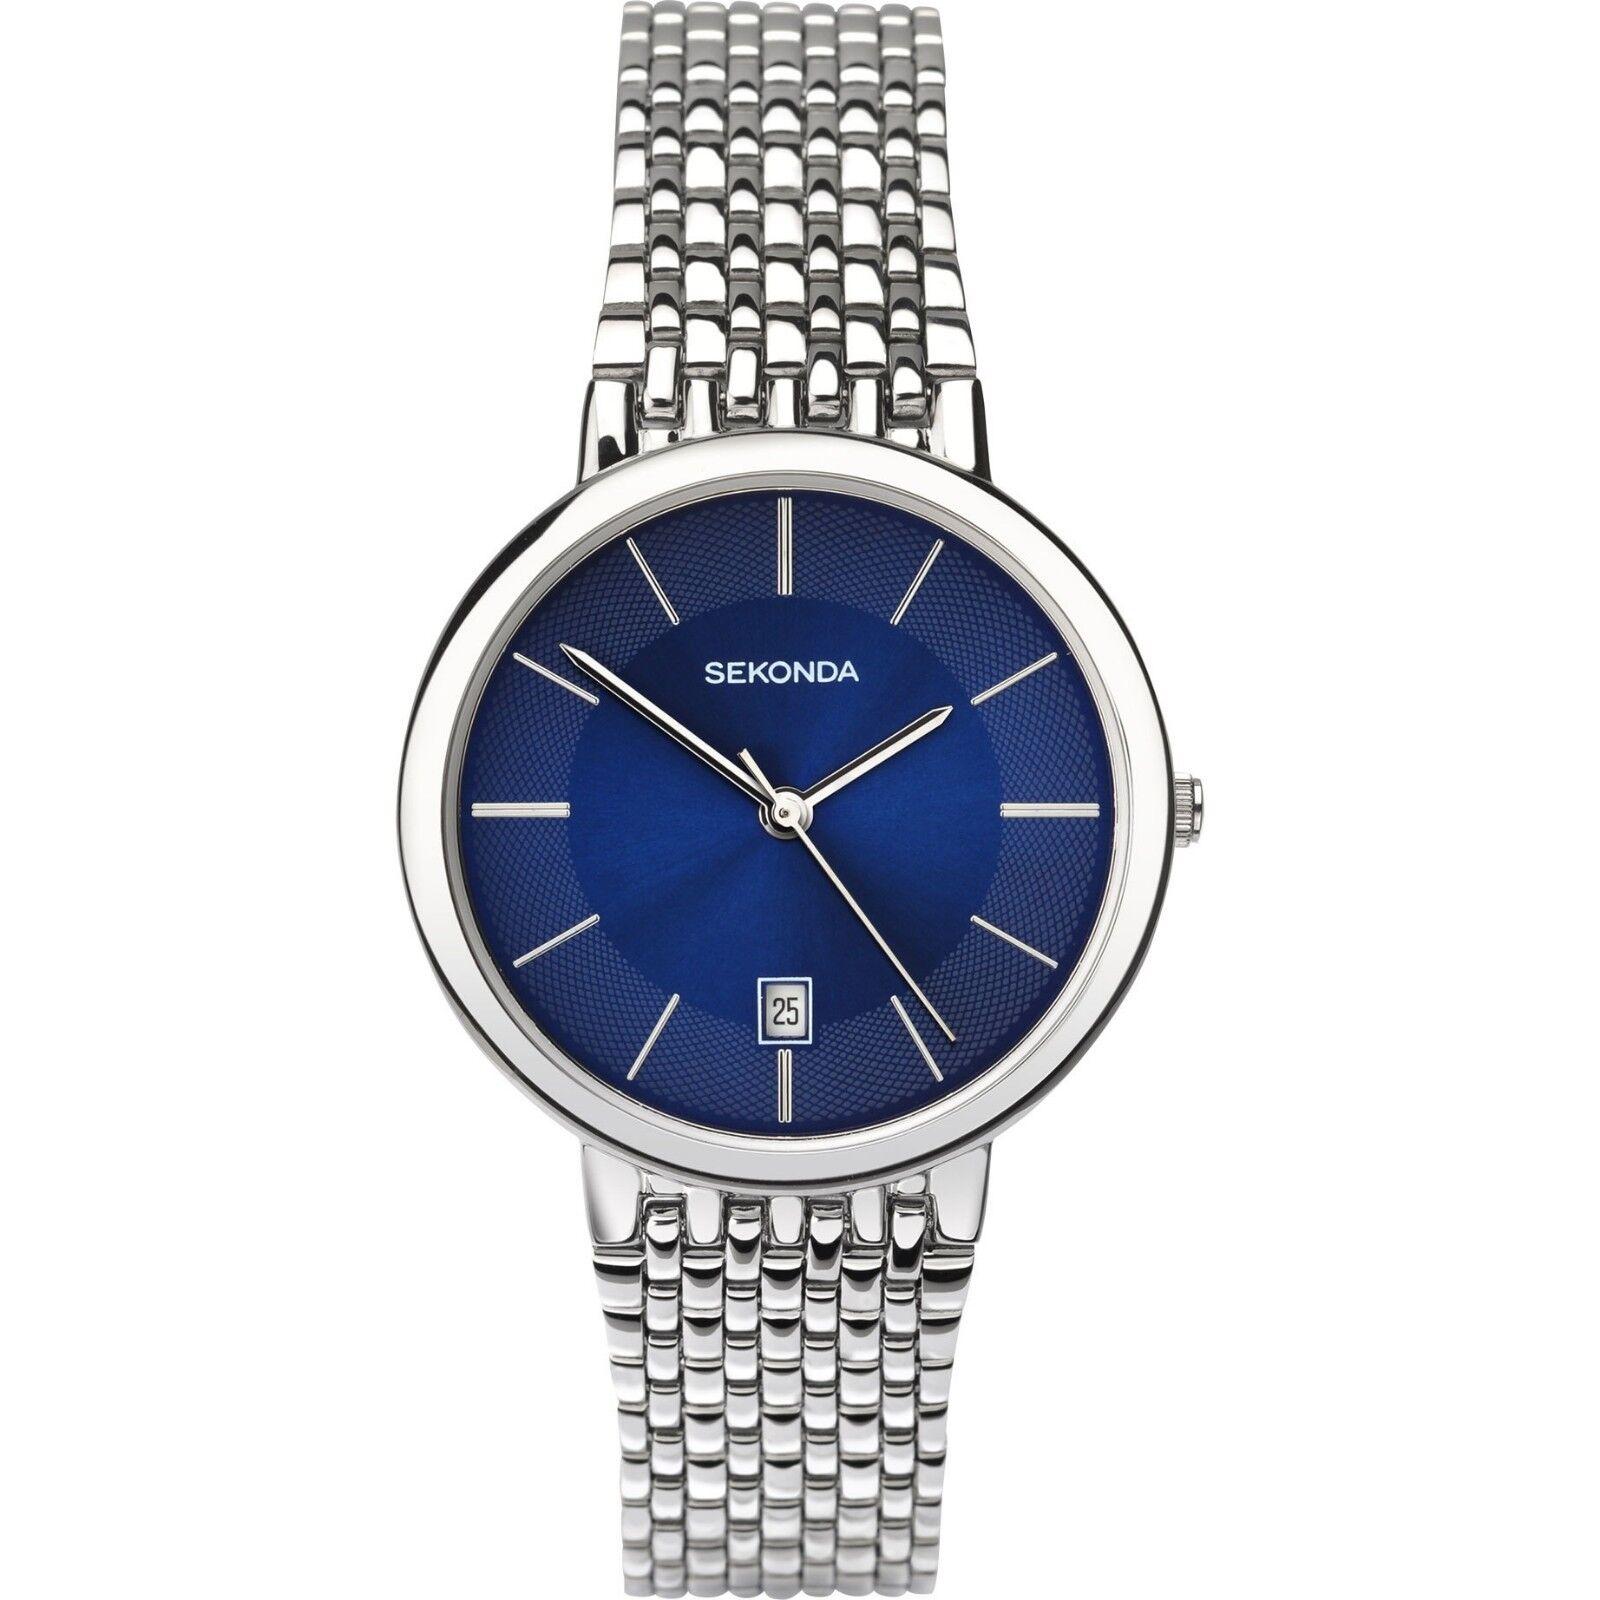 Sekonda кварцевые часы водонепроницаемые с камнями сталь и керамика в сочетании с блеском кристаллов создают непередаваемый стильный образ.